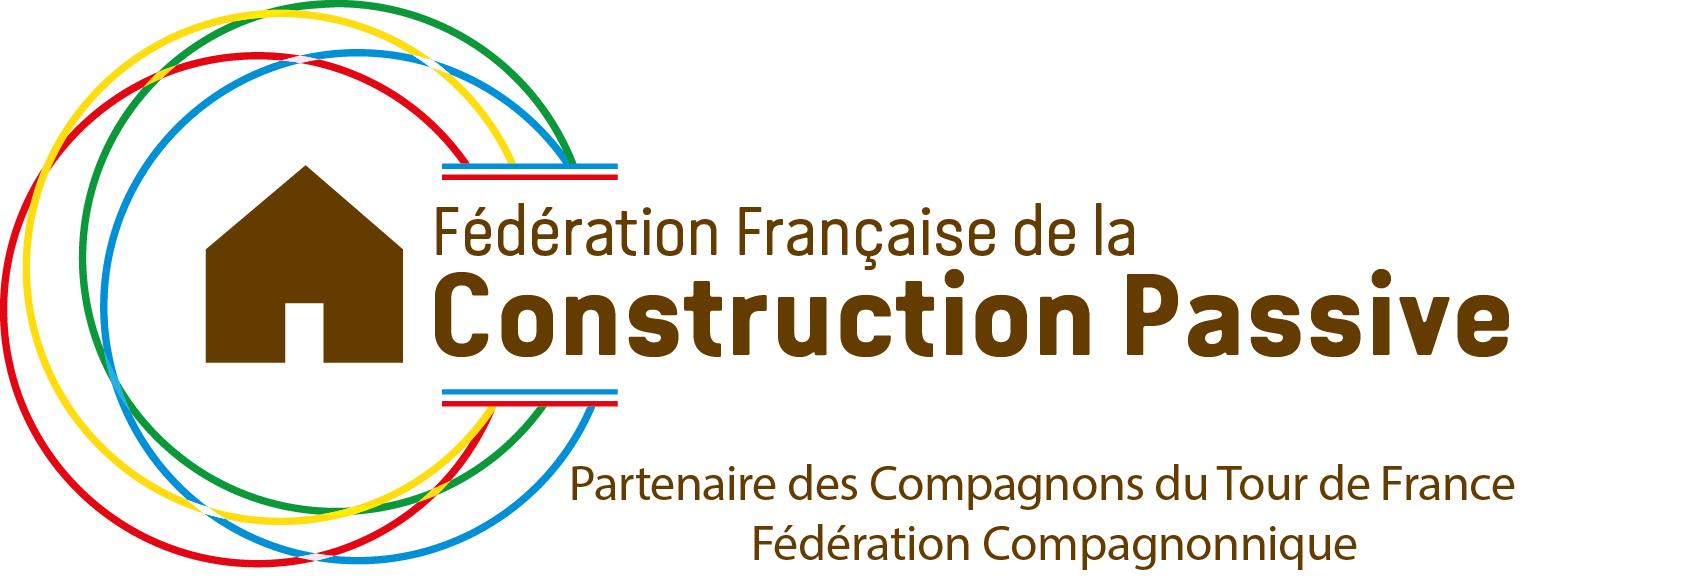 Fédération Française de la Construction Passive